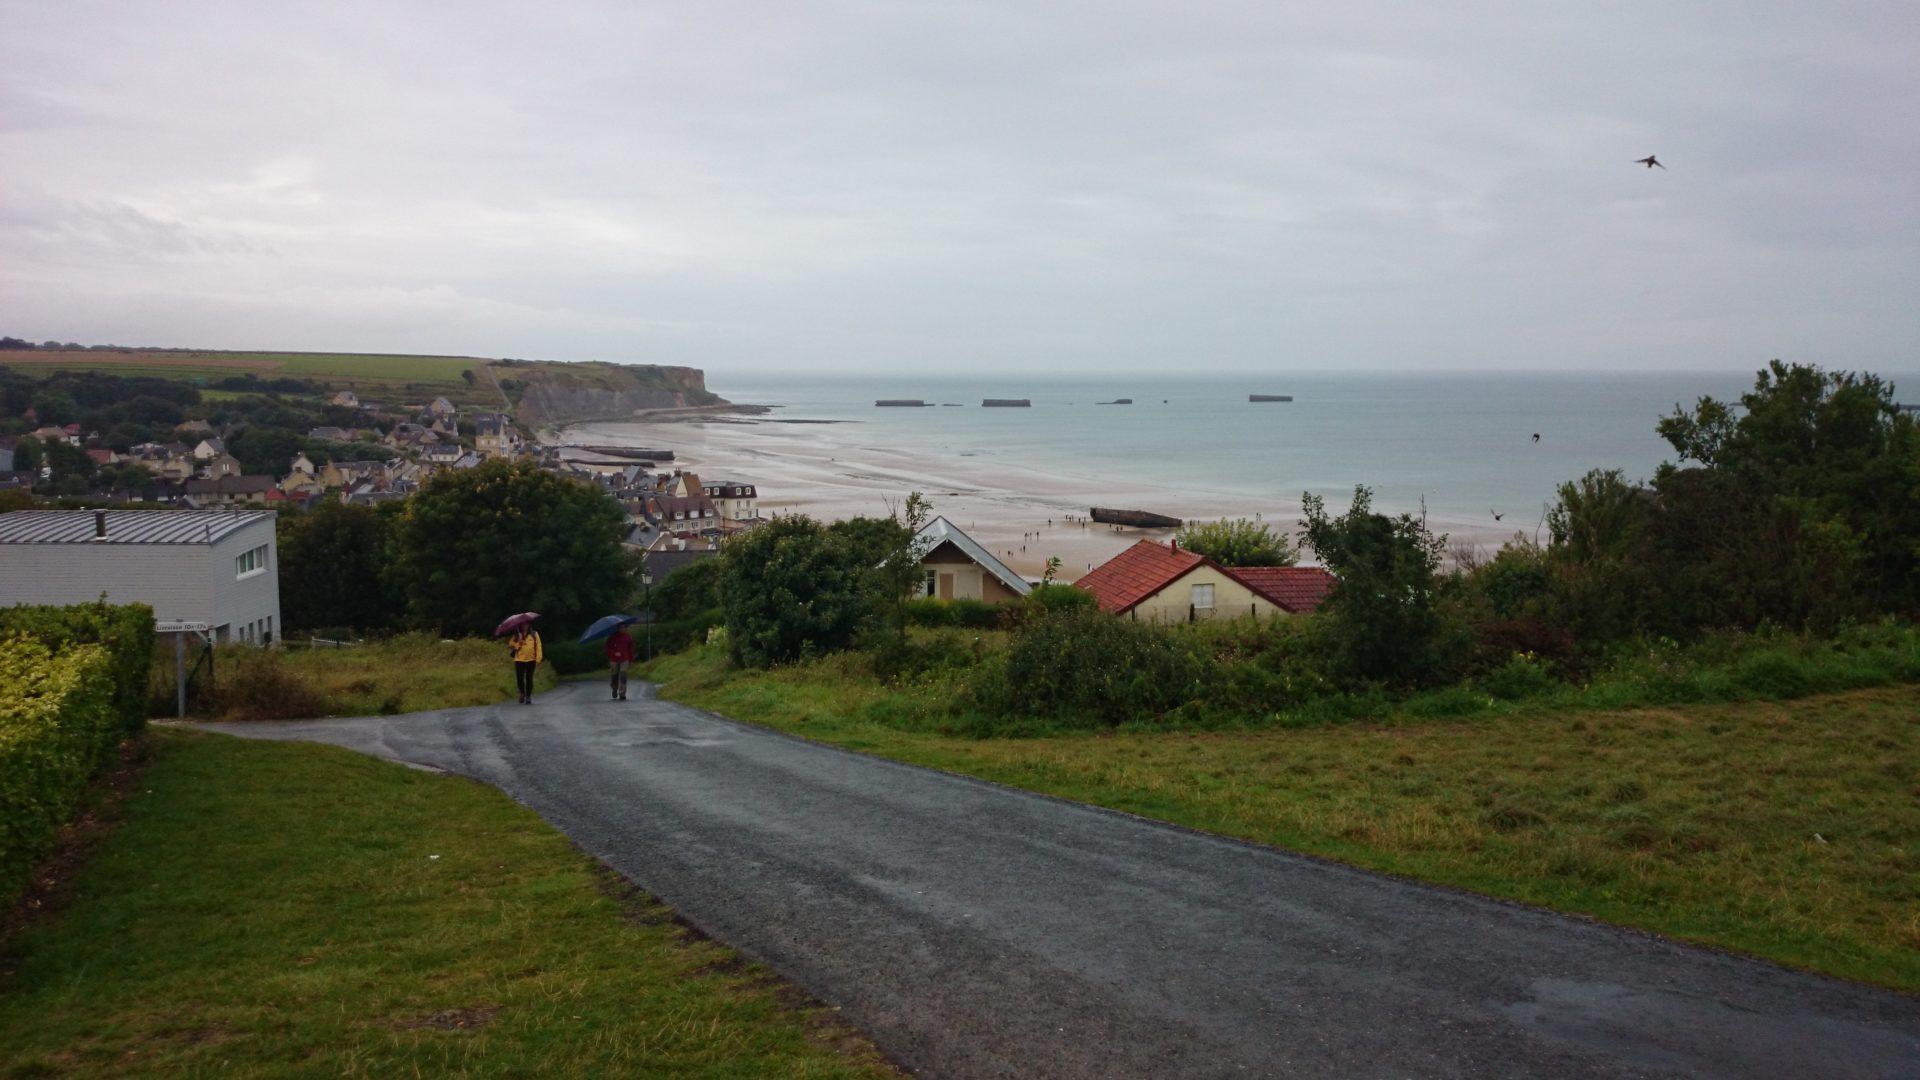 arromanches 360 villaggio spiaggia sbarco